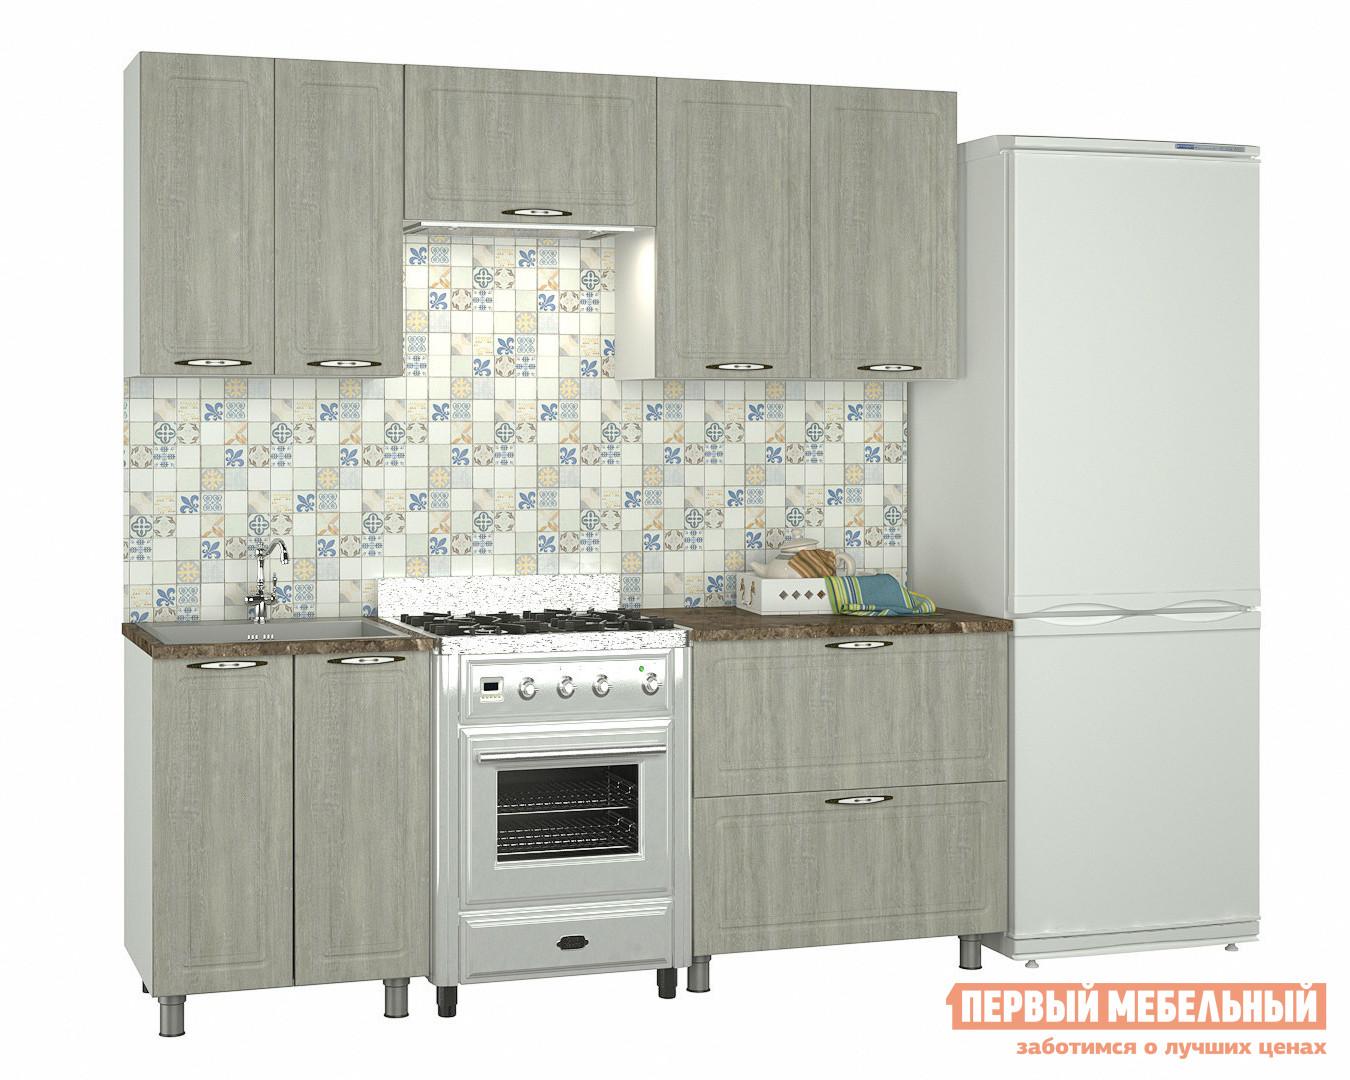 цена на Кухонный гарнитур Первый Мебельный Прованс 2 м